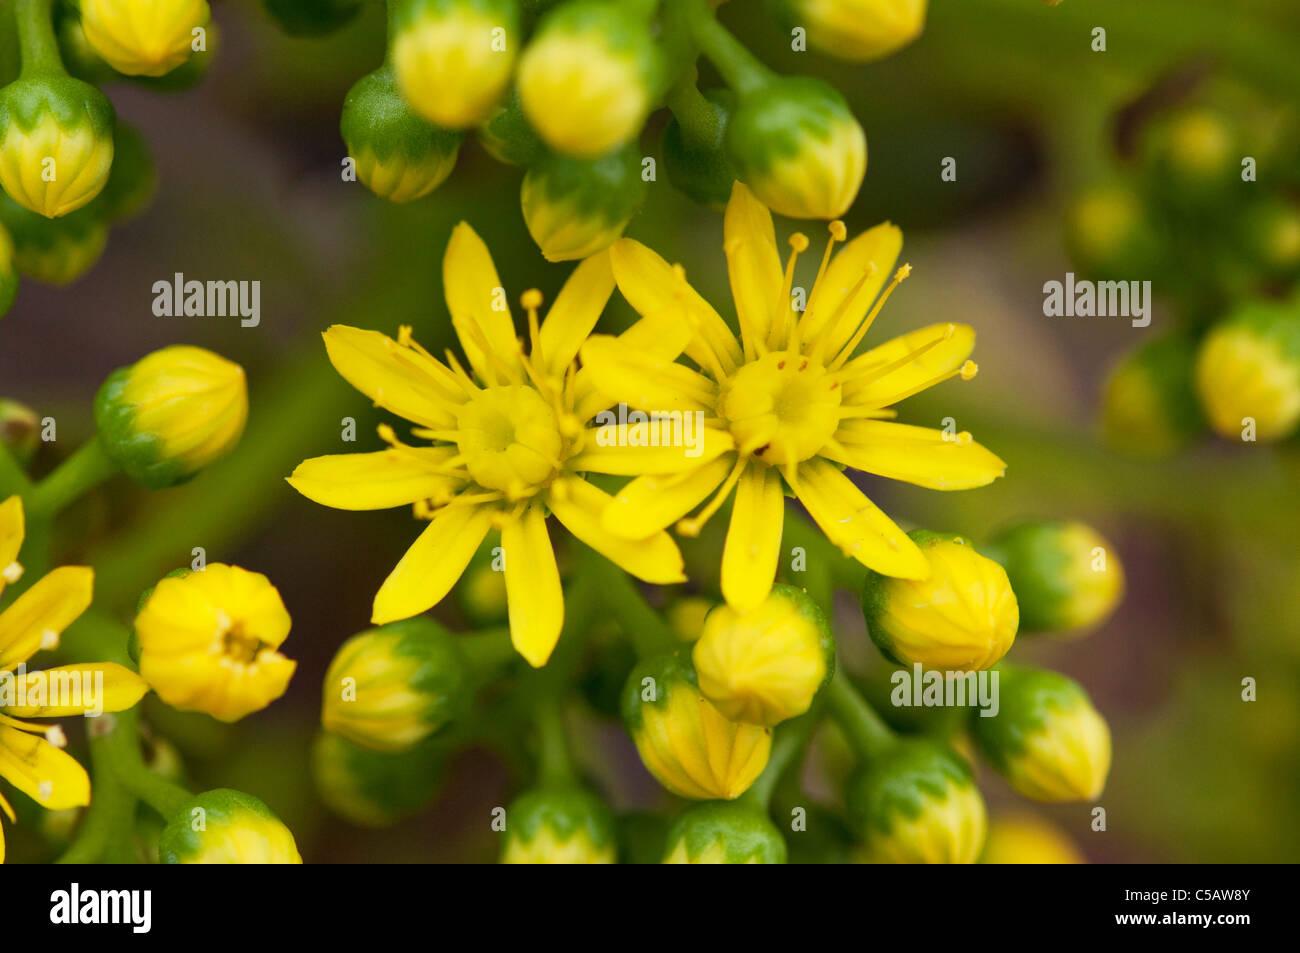 Fiori Gialli Ornamentali.Fiori Gialli Su Una Pianta Ornamentale Di Piante Succulente In